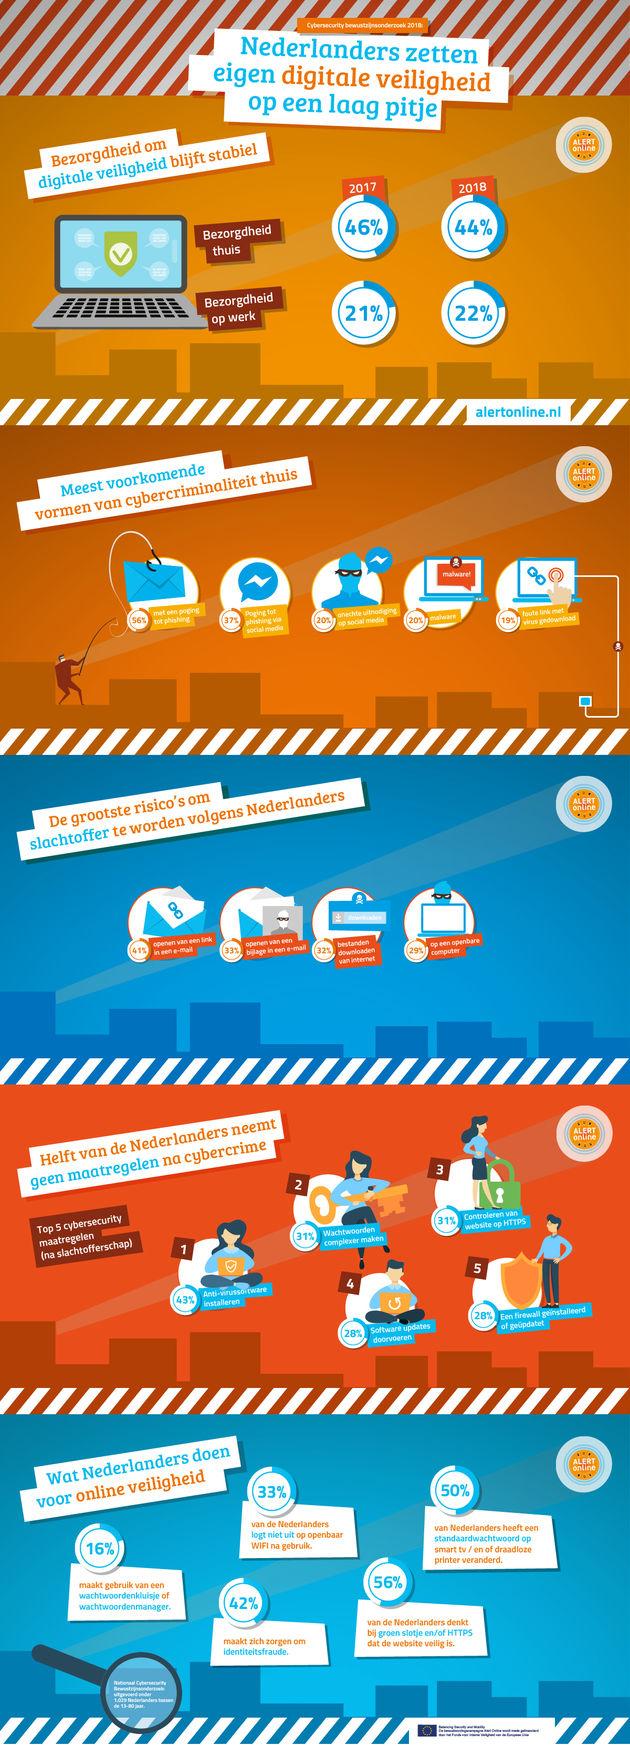 alertonline_infographic_onderzoek2018